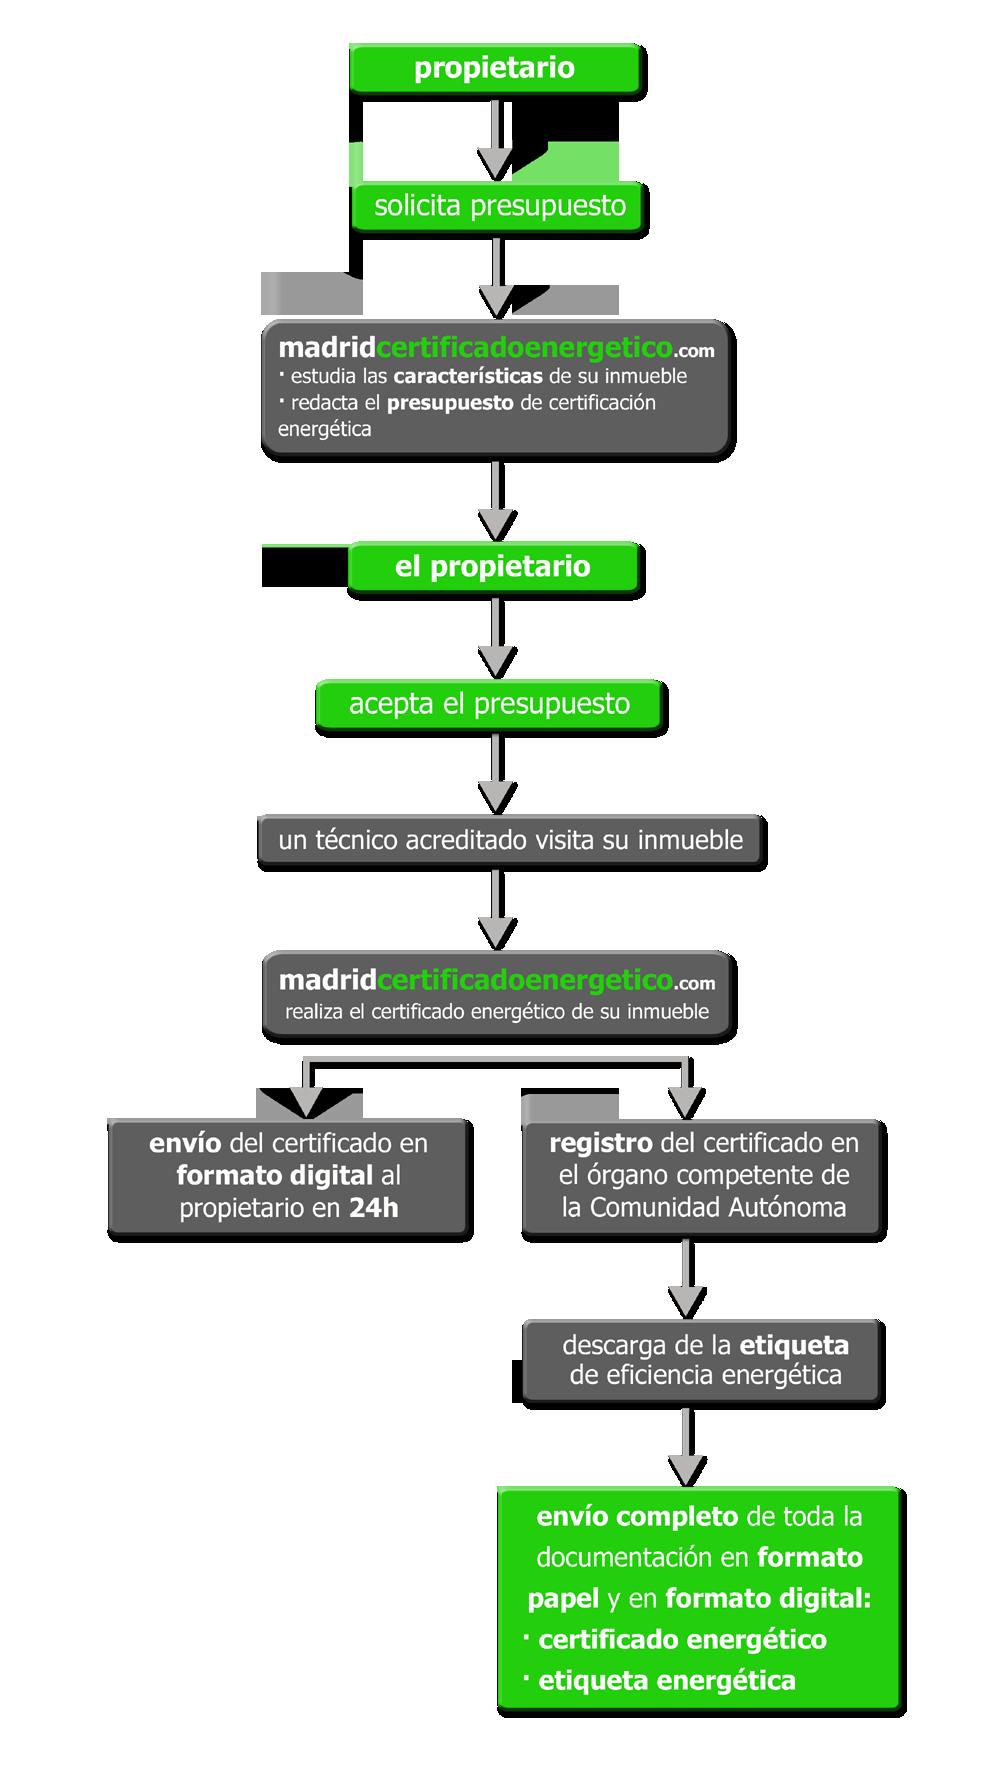 certificado energetico proceso